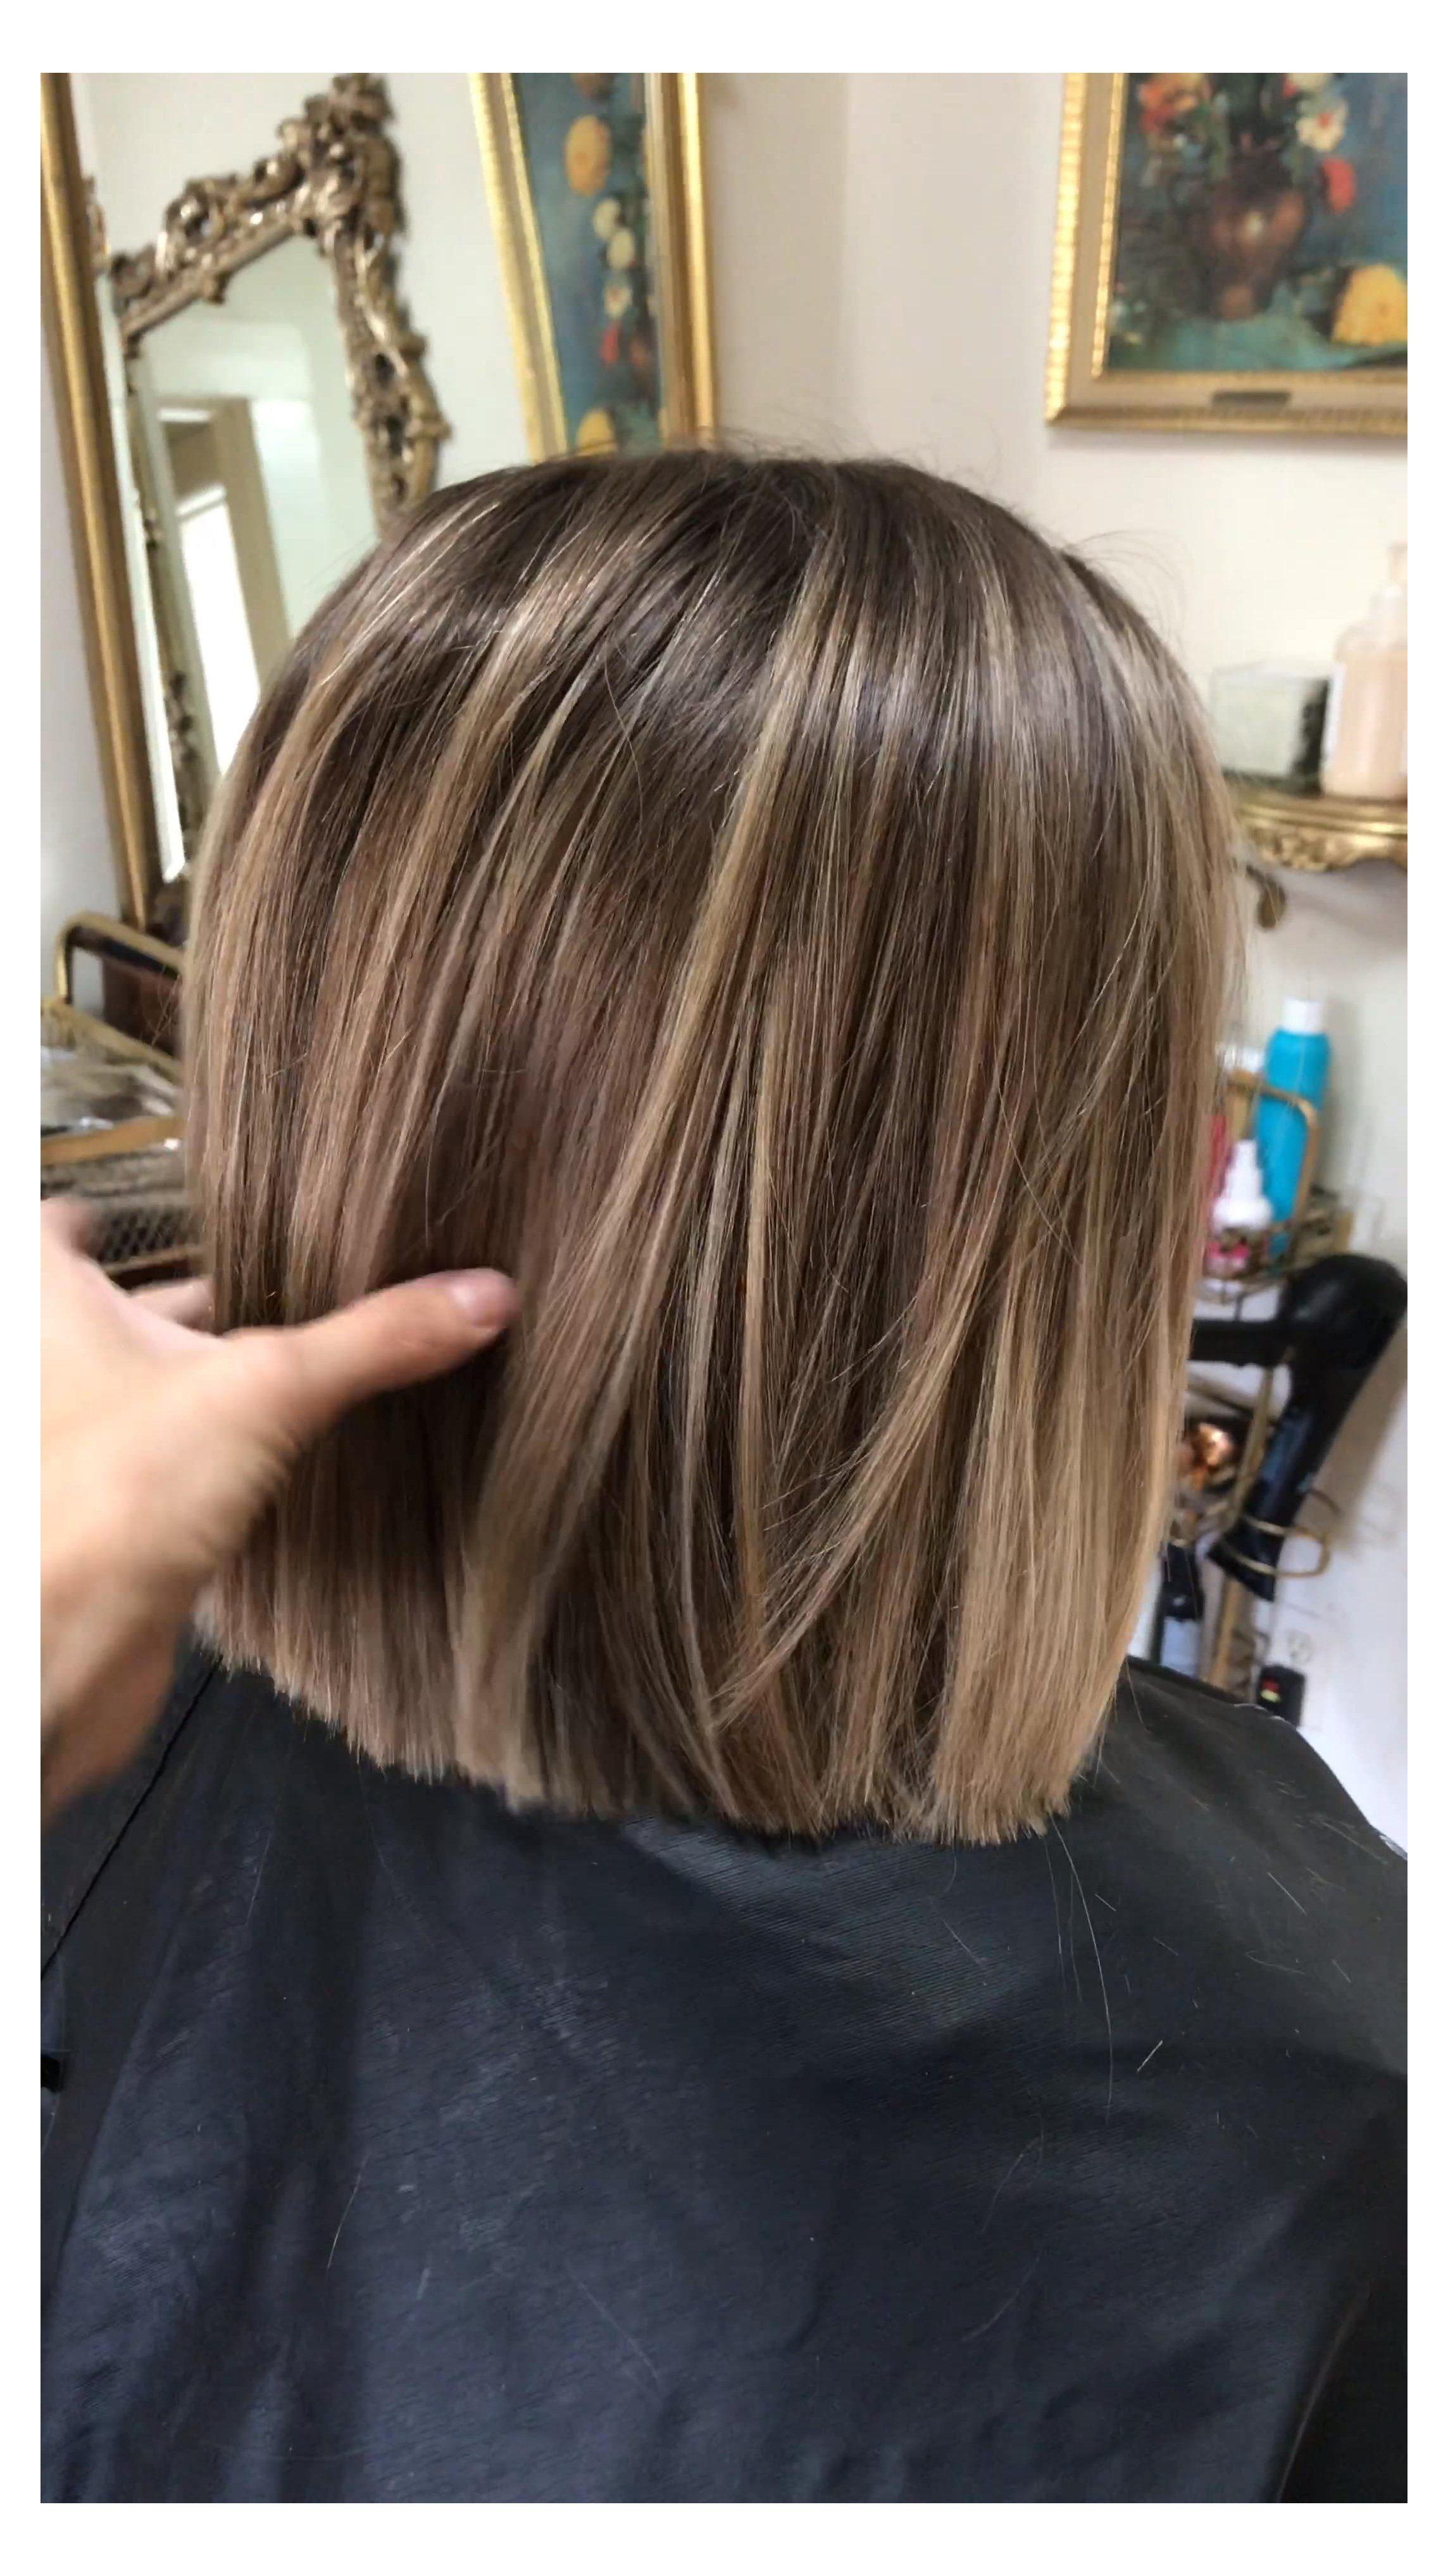 Bob Haircut With Soft Blonde Balayage Beautiful Hair Color Blonde Highlights Short Bob Haircut With Soft B In 2020 Short Hair Balayage Hair Highlights Hair Styles